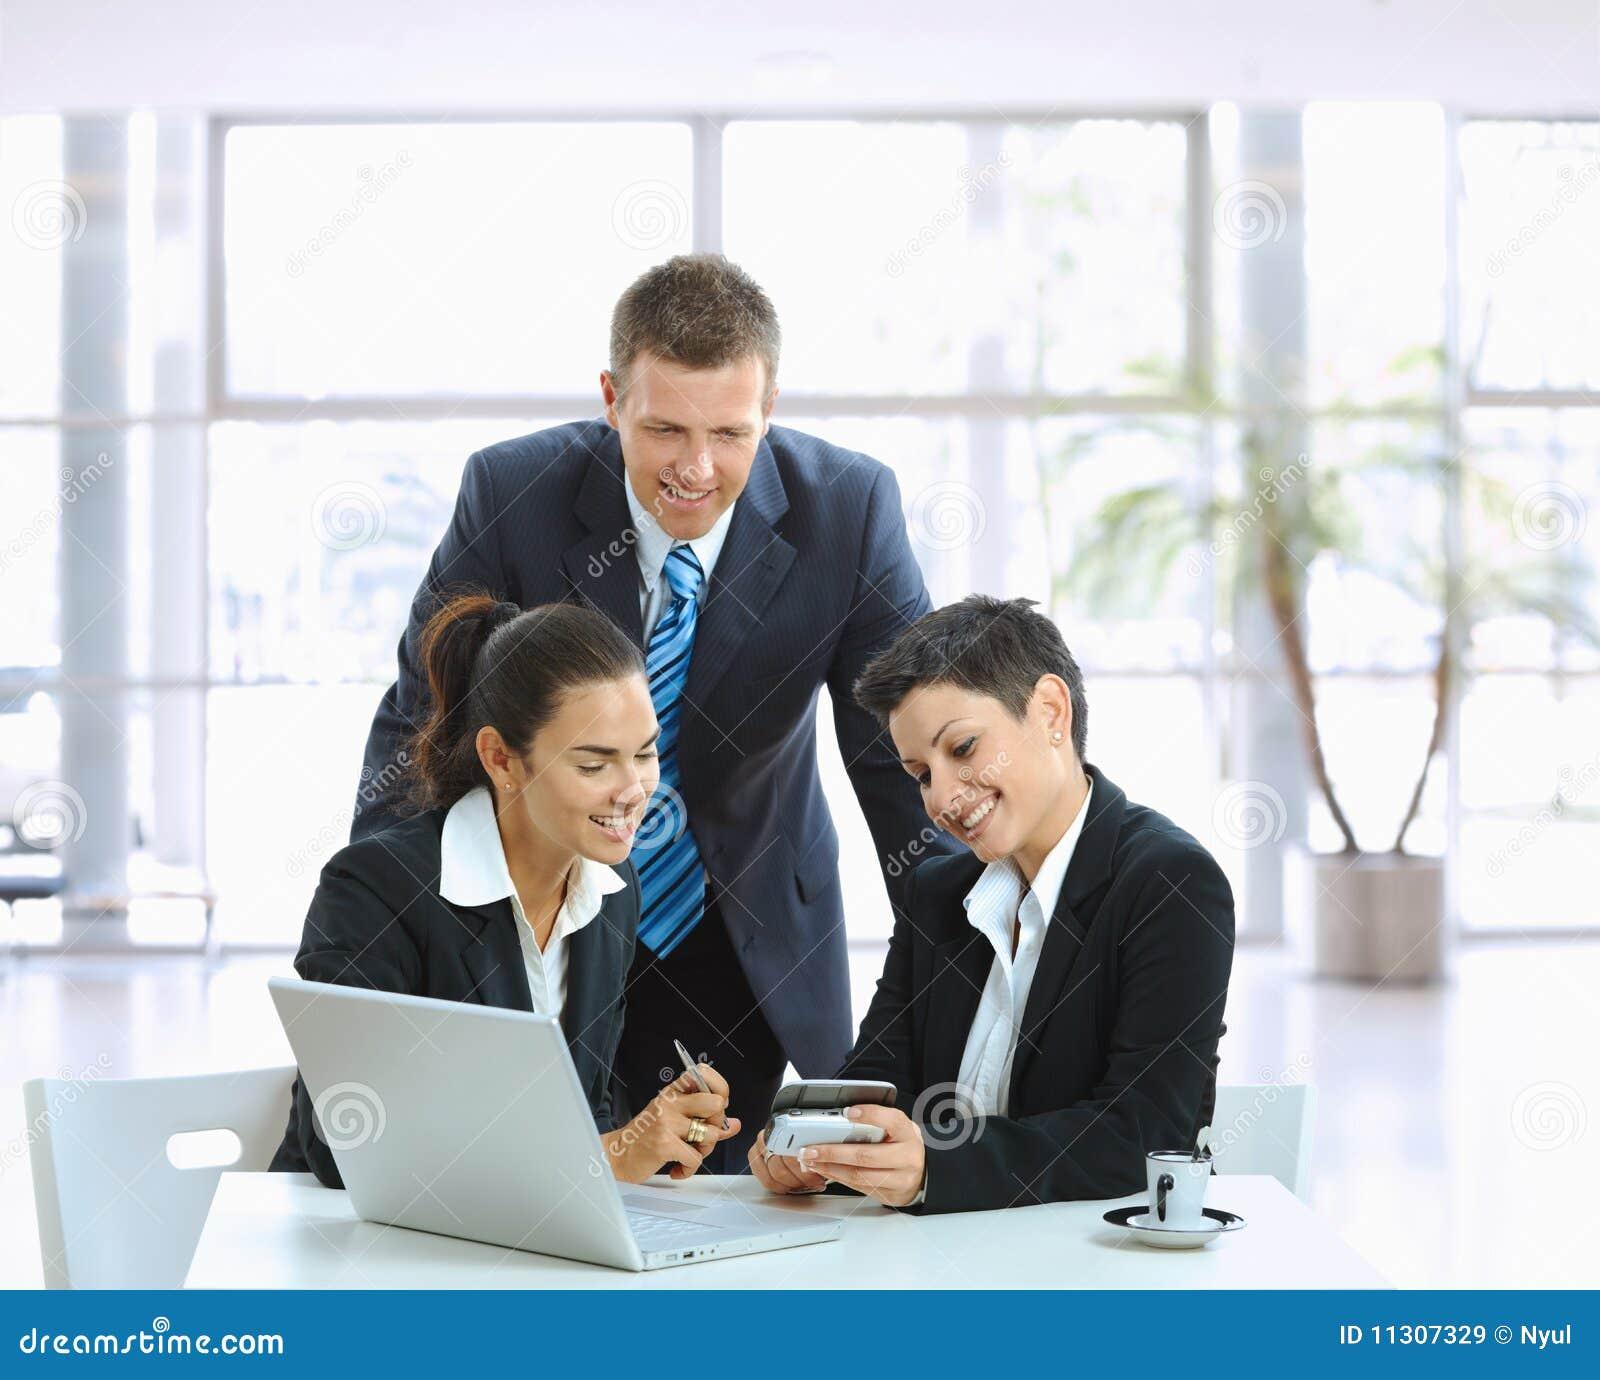 Beiläufige Sitzung in der Bürovorhalle